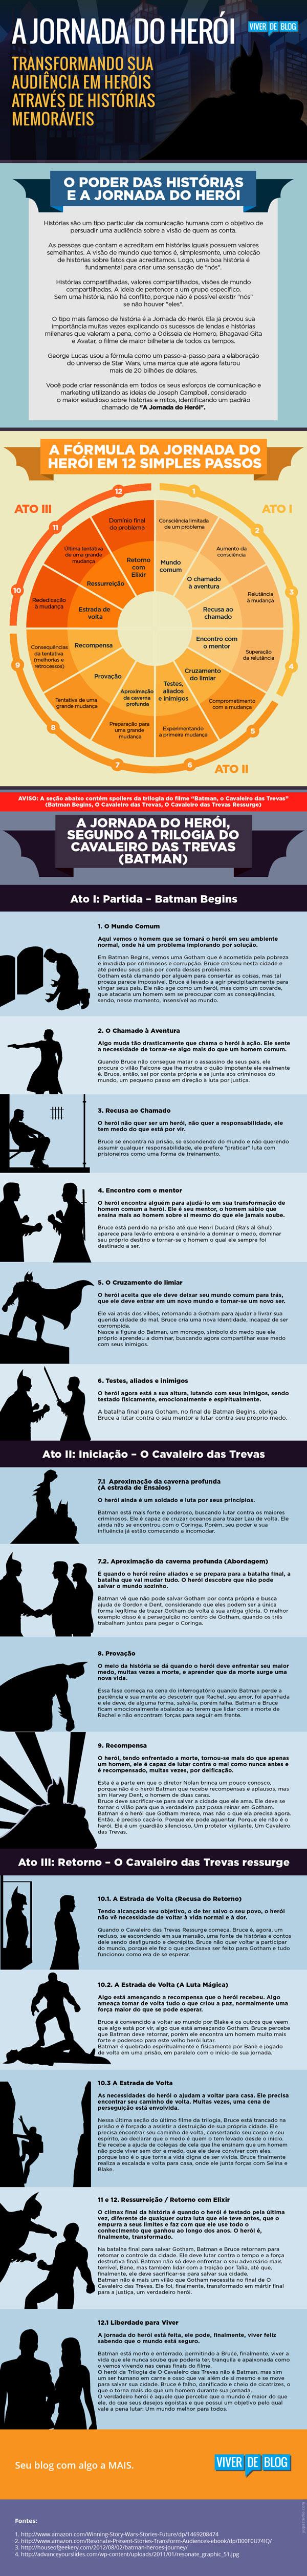 Infográfico Jornada do Herói